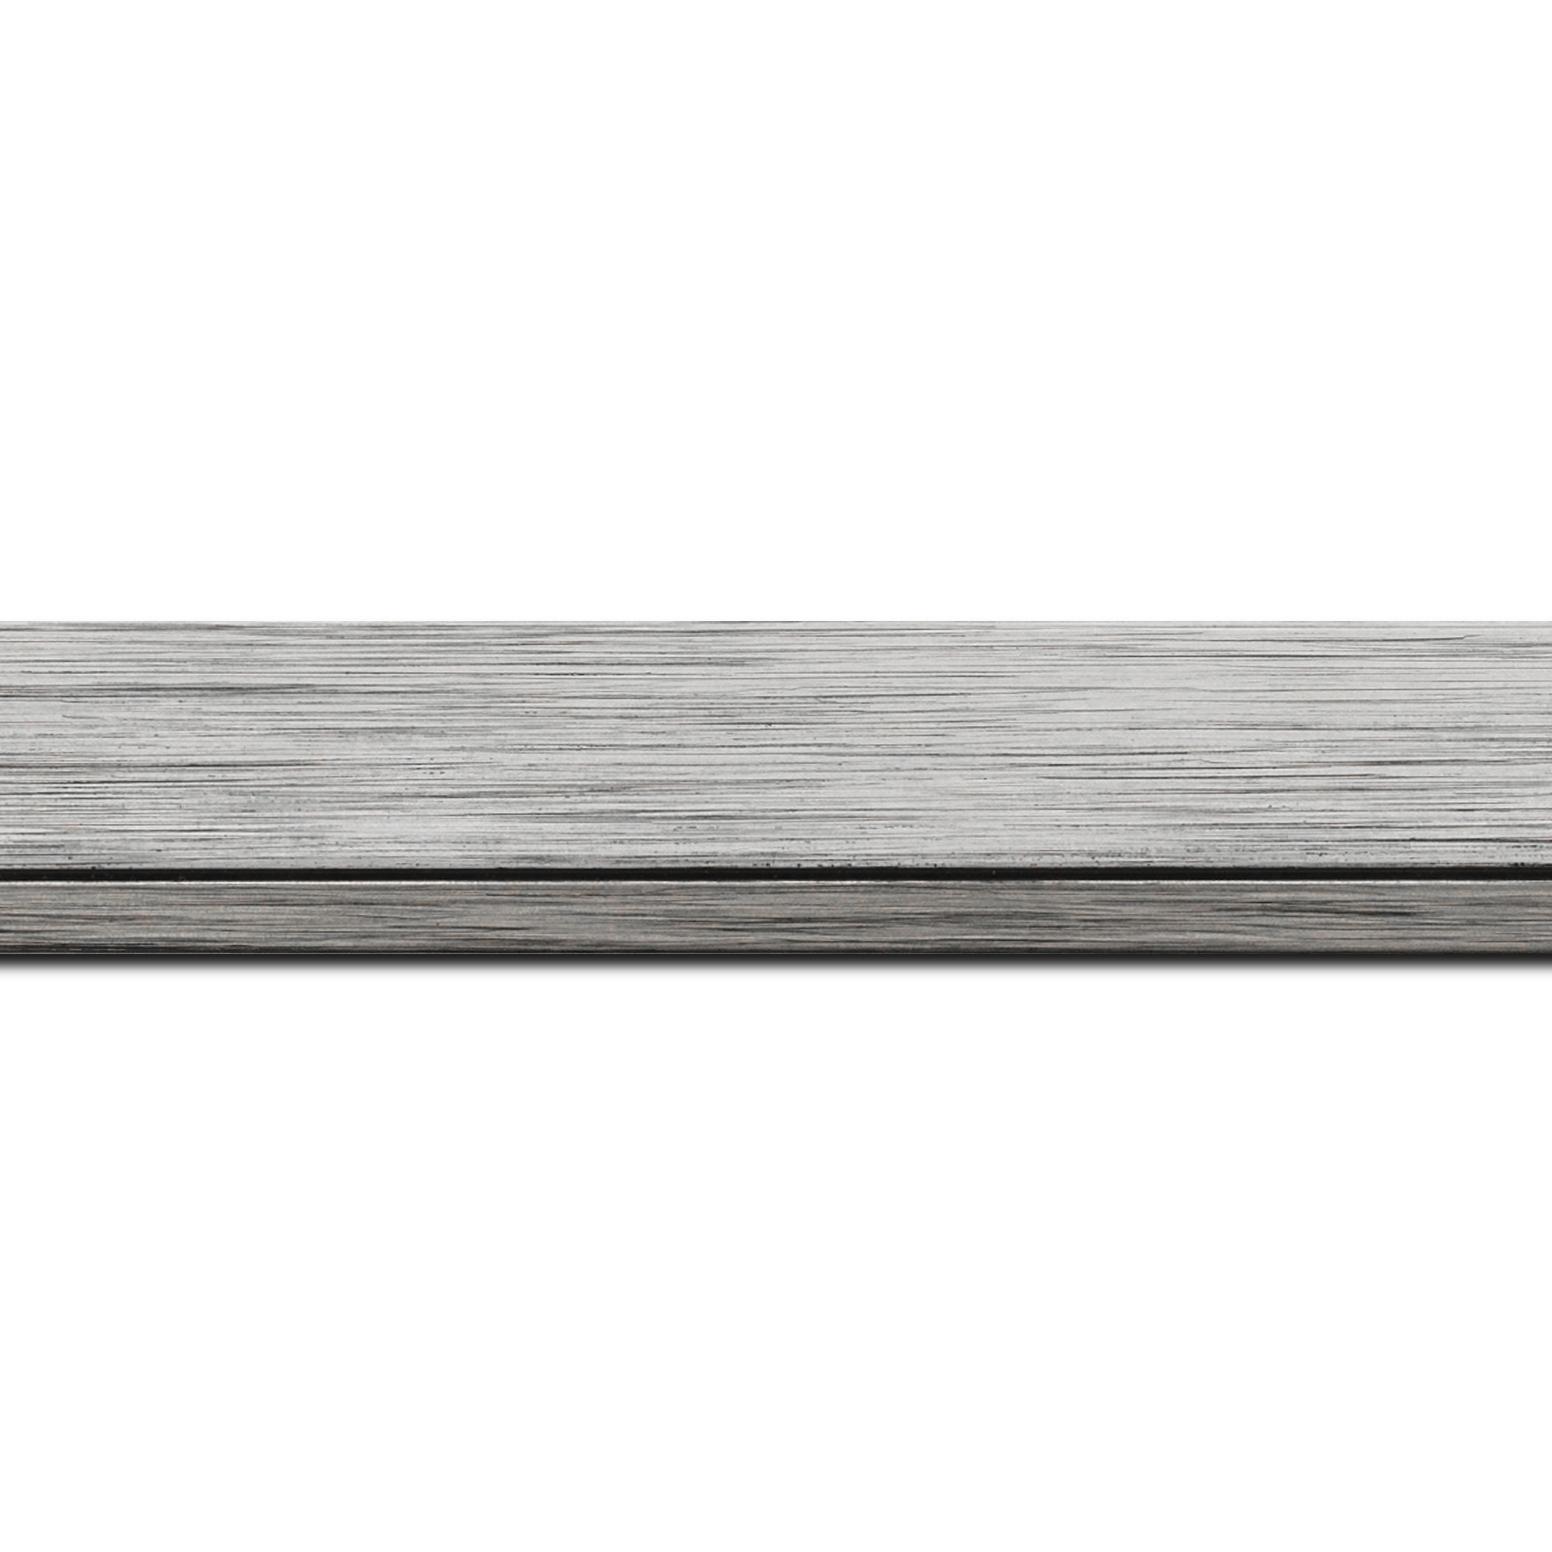 Baguette longueur 1.40m bois profil plat largeur 3.3cm couleur argent filet plomb